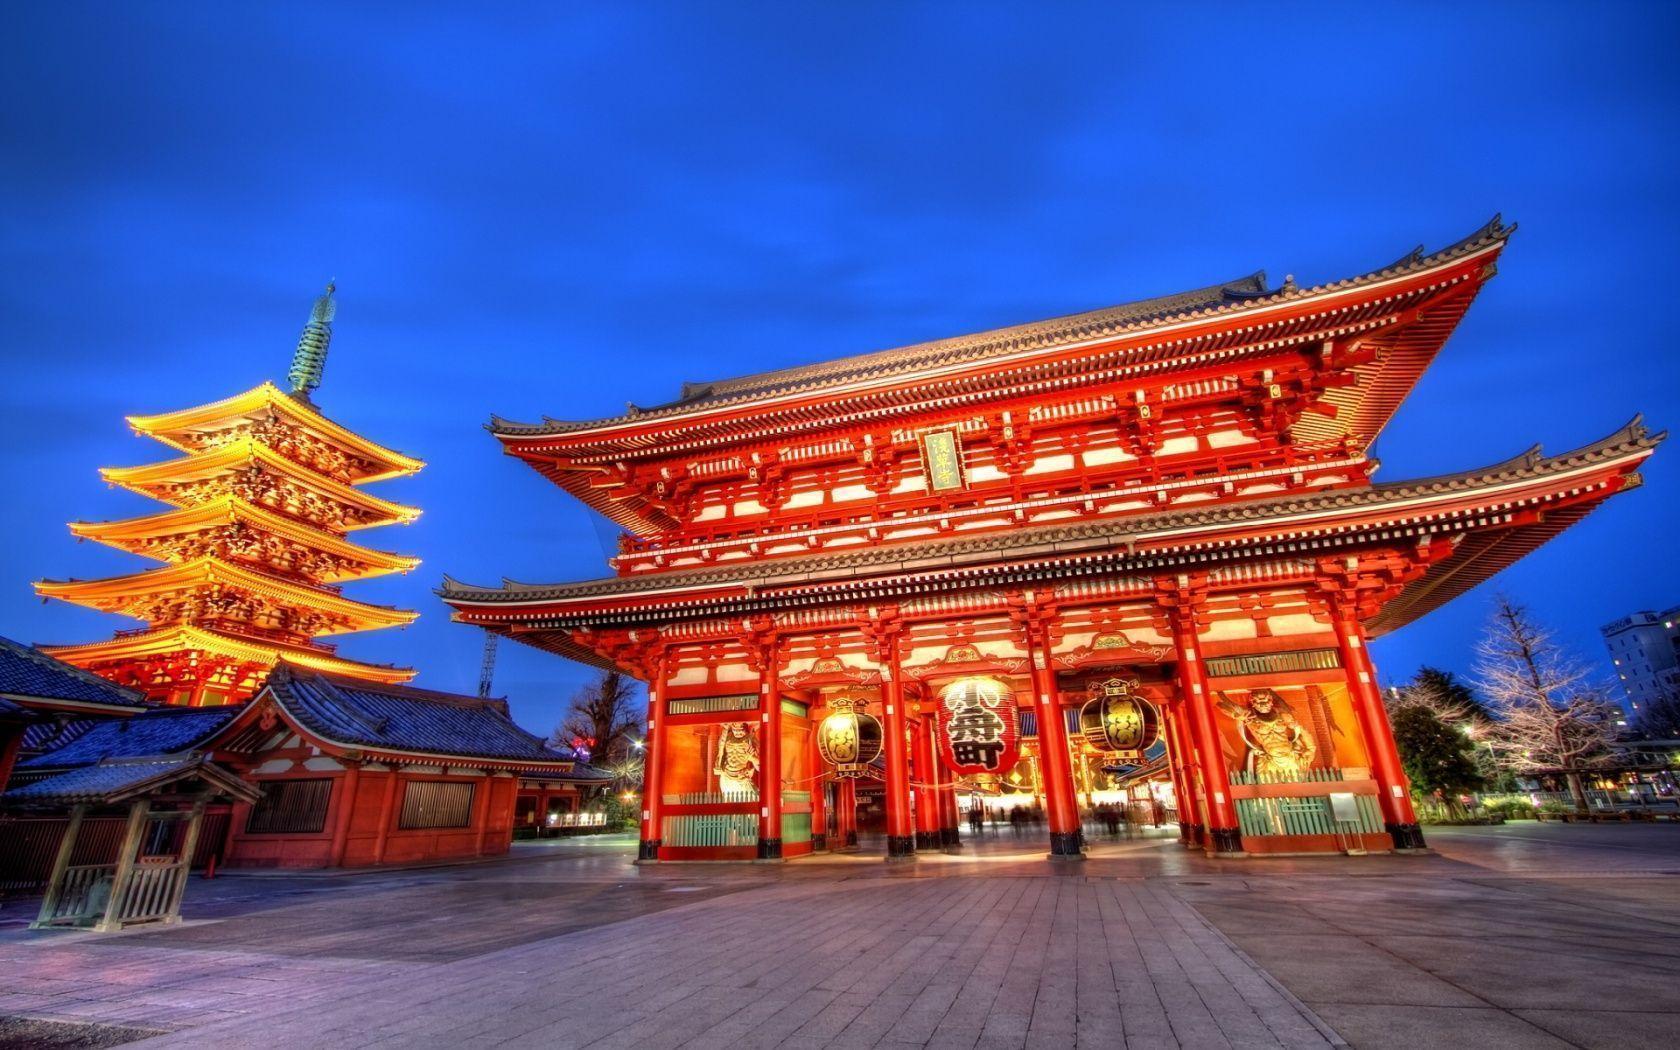 1680x1050 Sensoji temple tokyo Wallpaper